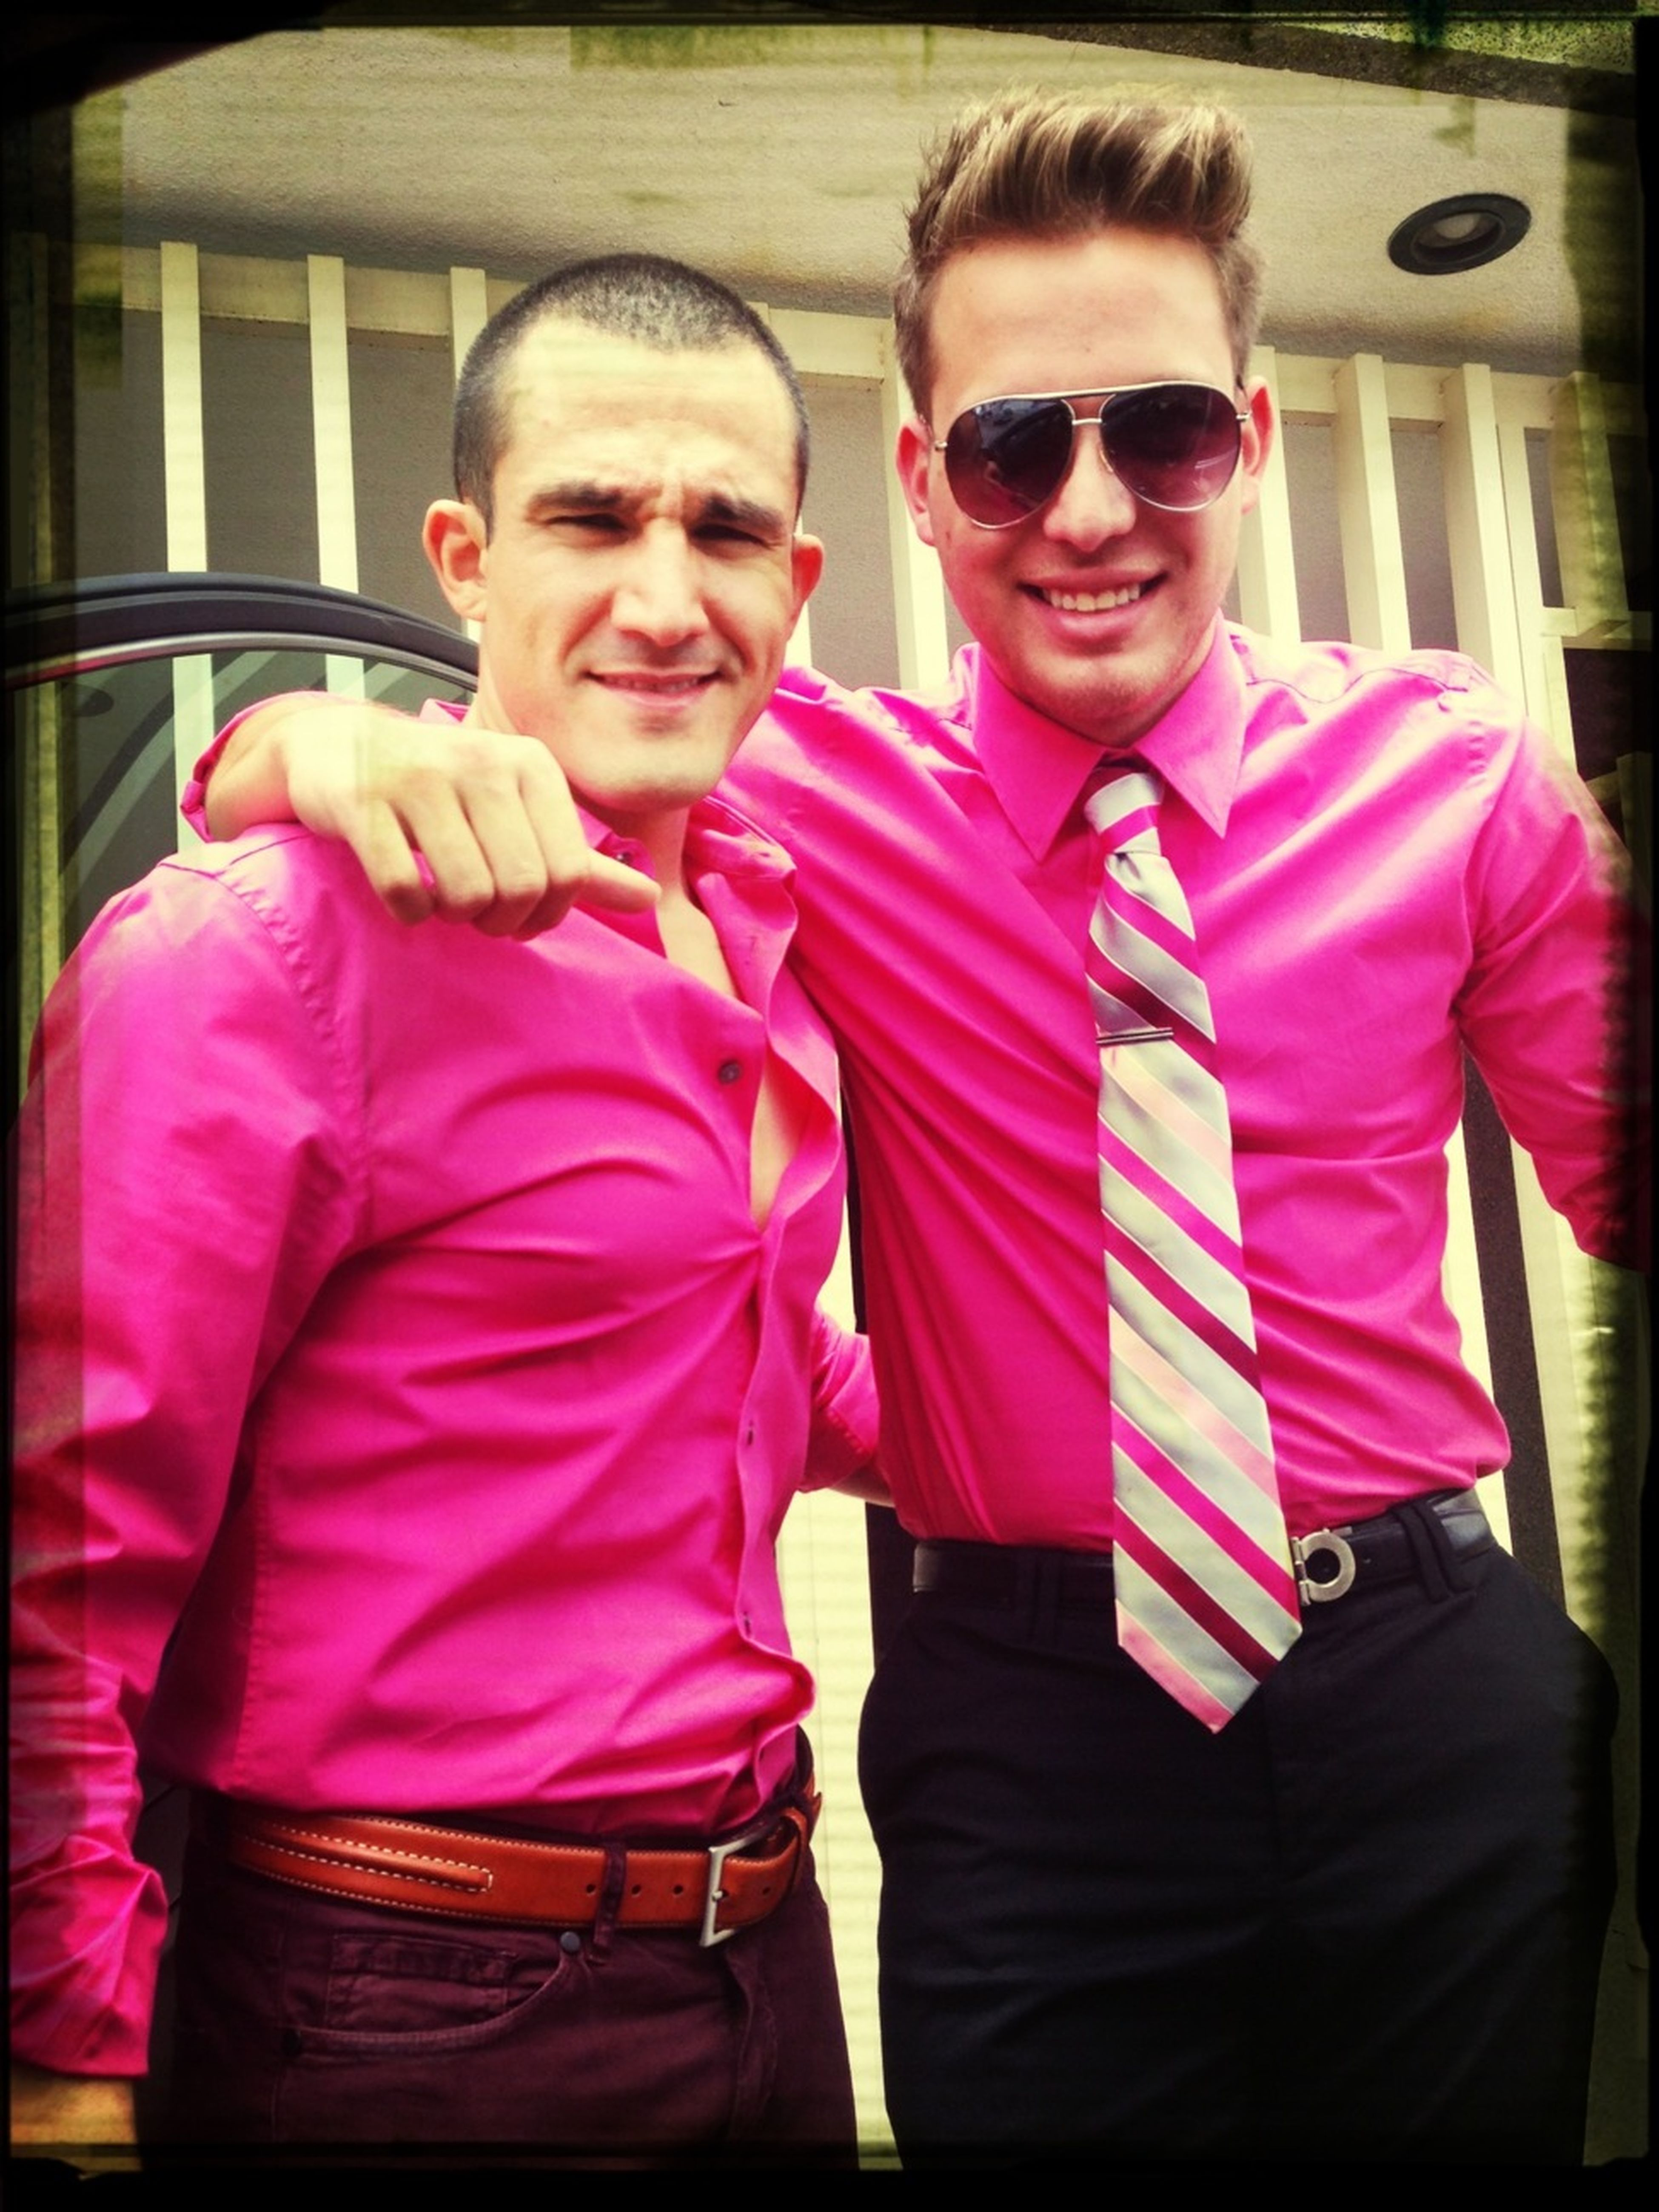 Los Twinssss! Jajaja